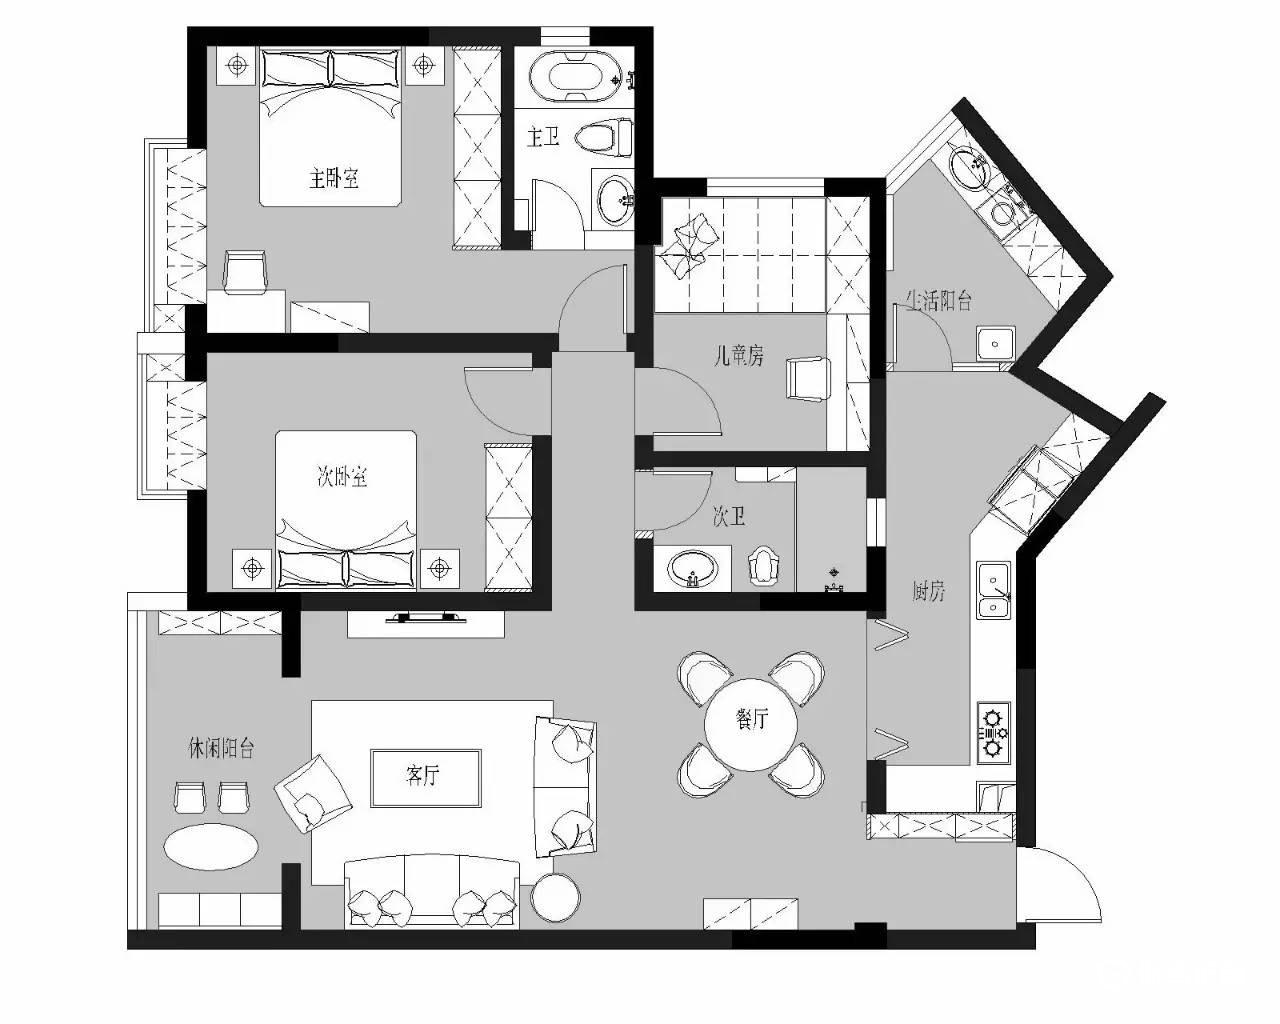 【三室一廳裝修效果圖】130平優雅美式三室一廳裝修實景圖